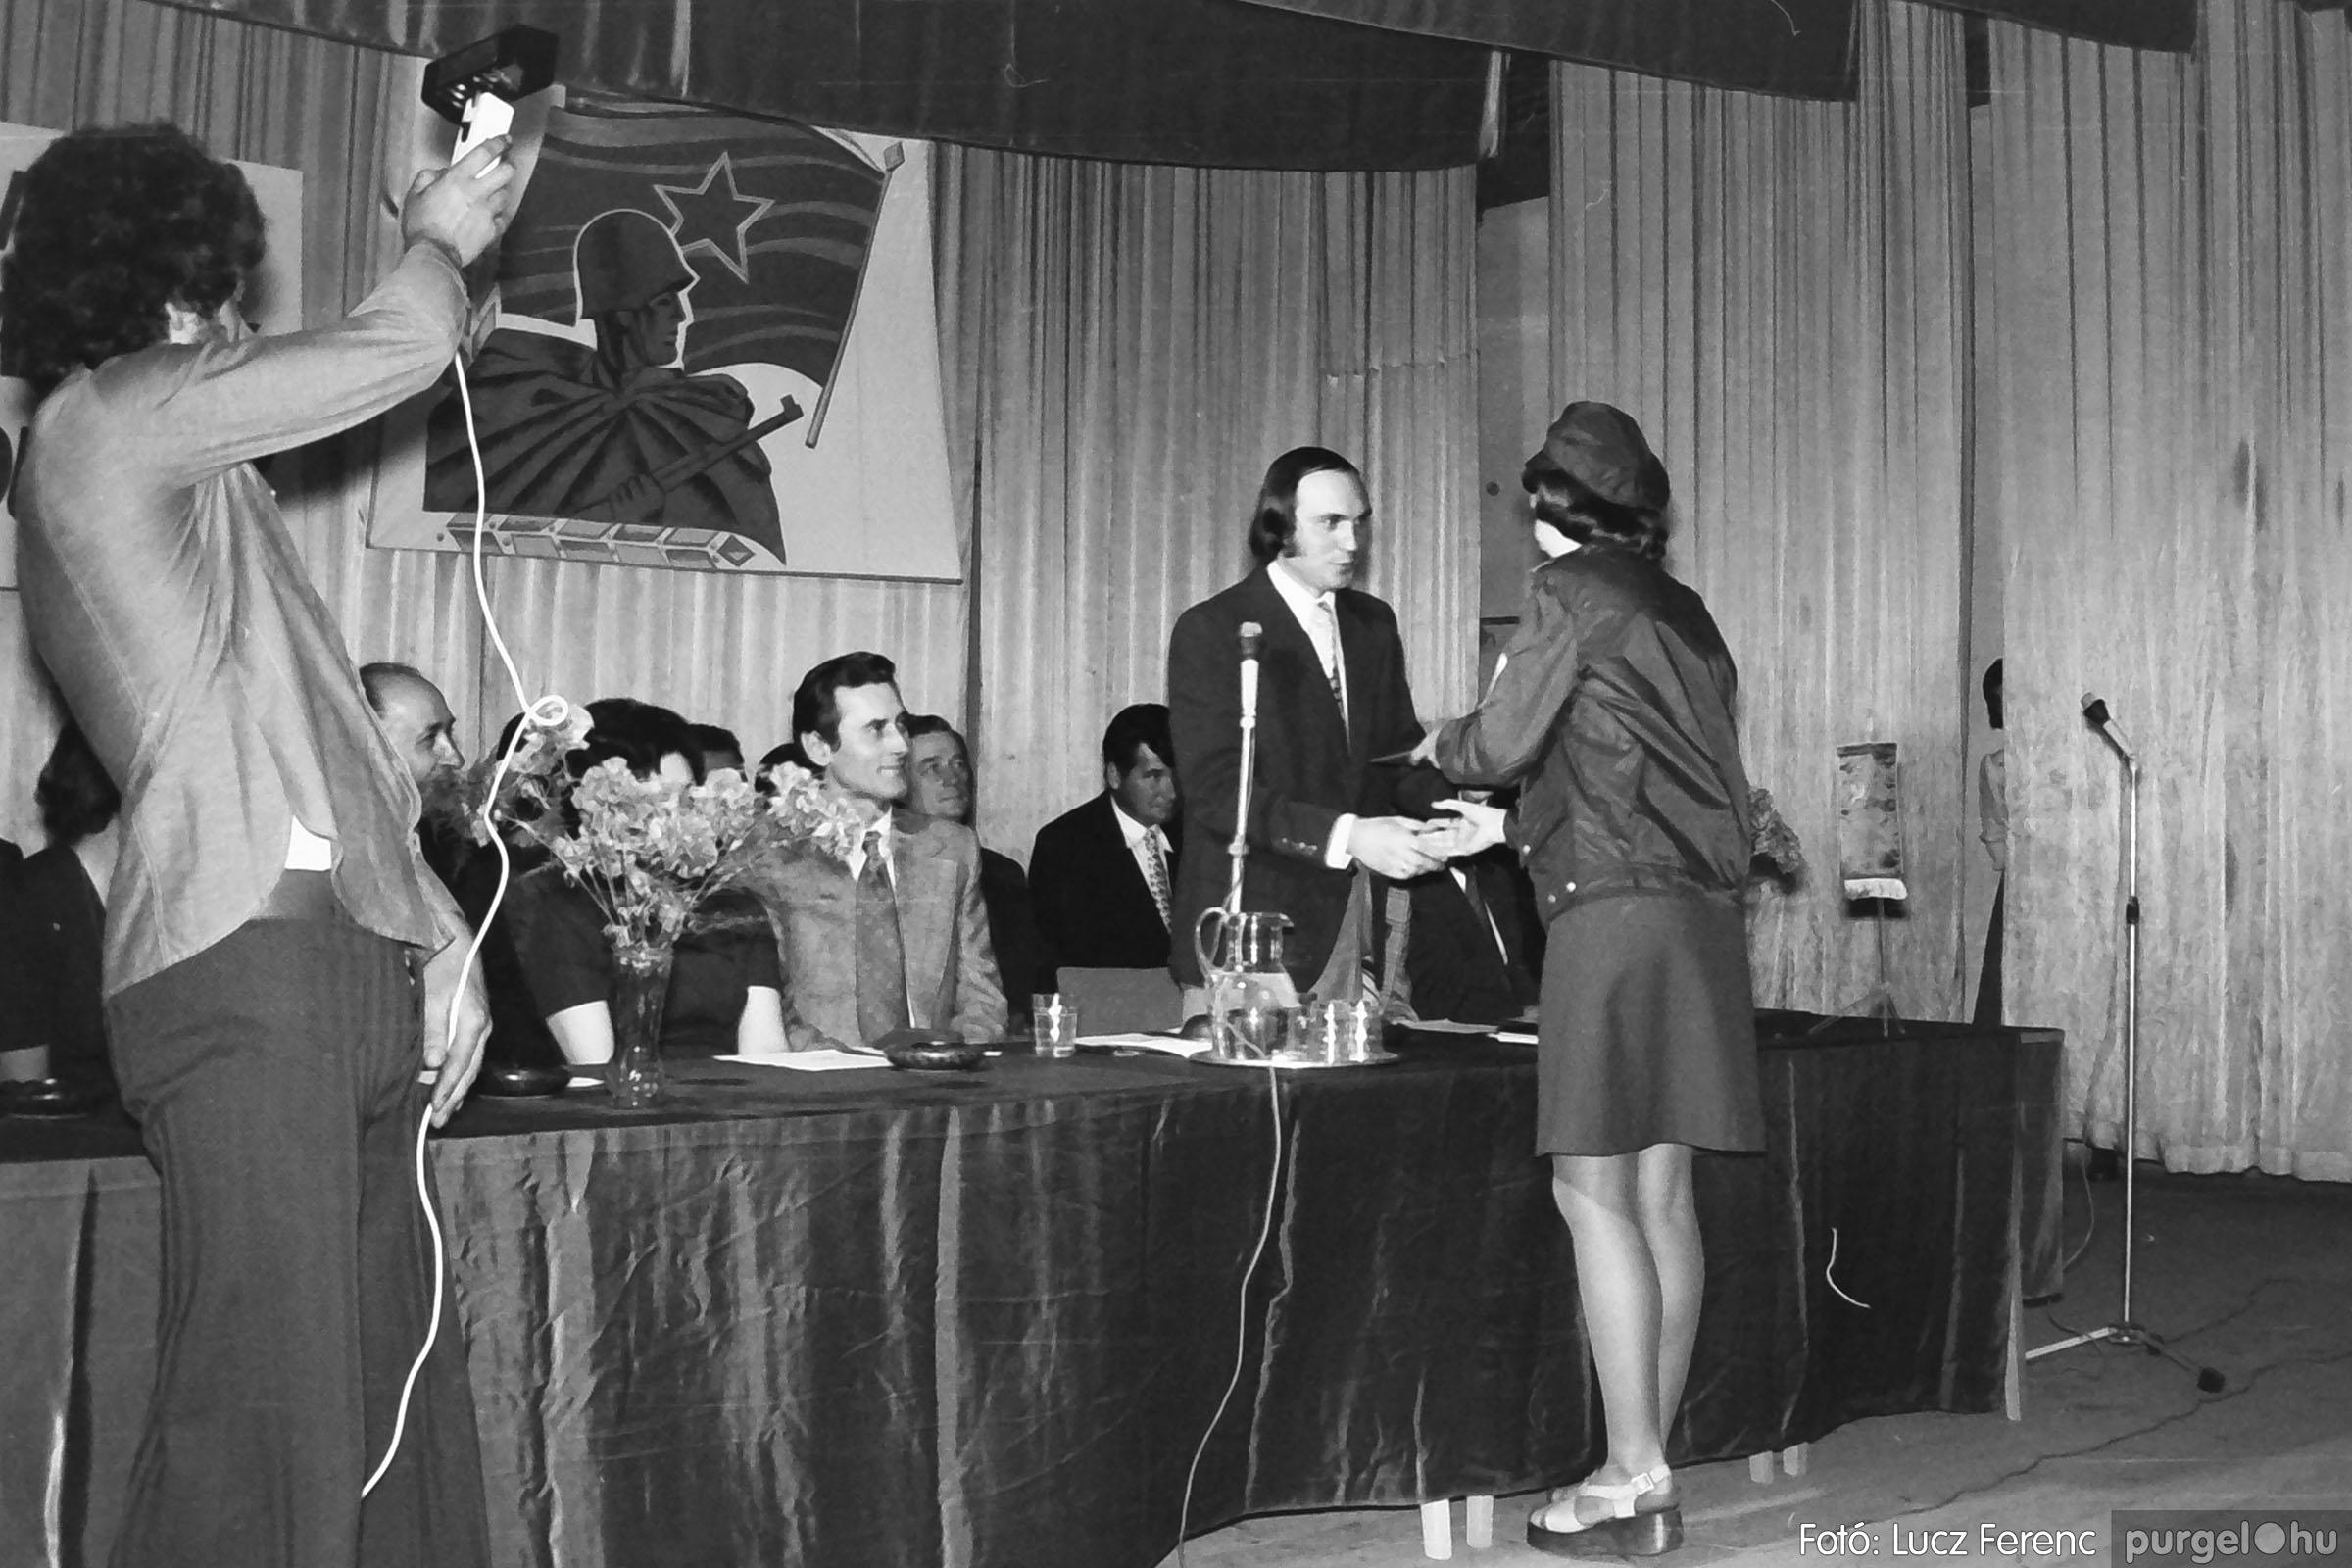 039. 1976.04.04. Április 4-i ünnepség a kultúrházban 017. - Fotó: Lucz Ferenc.jpg